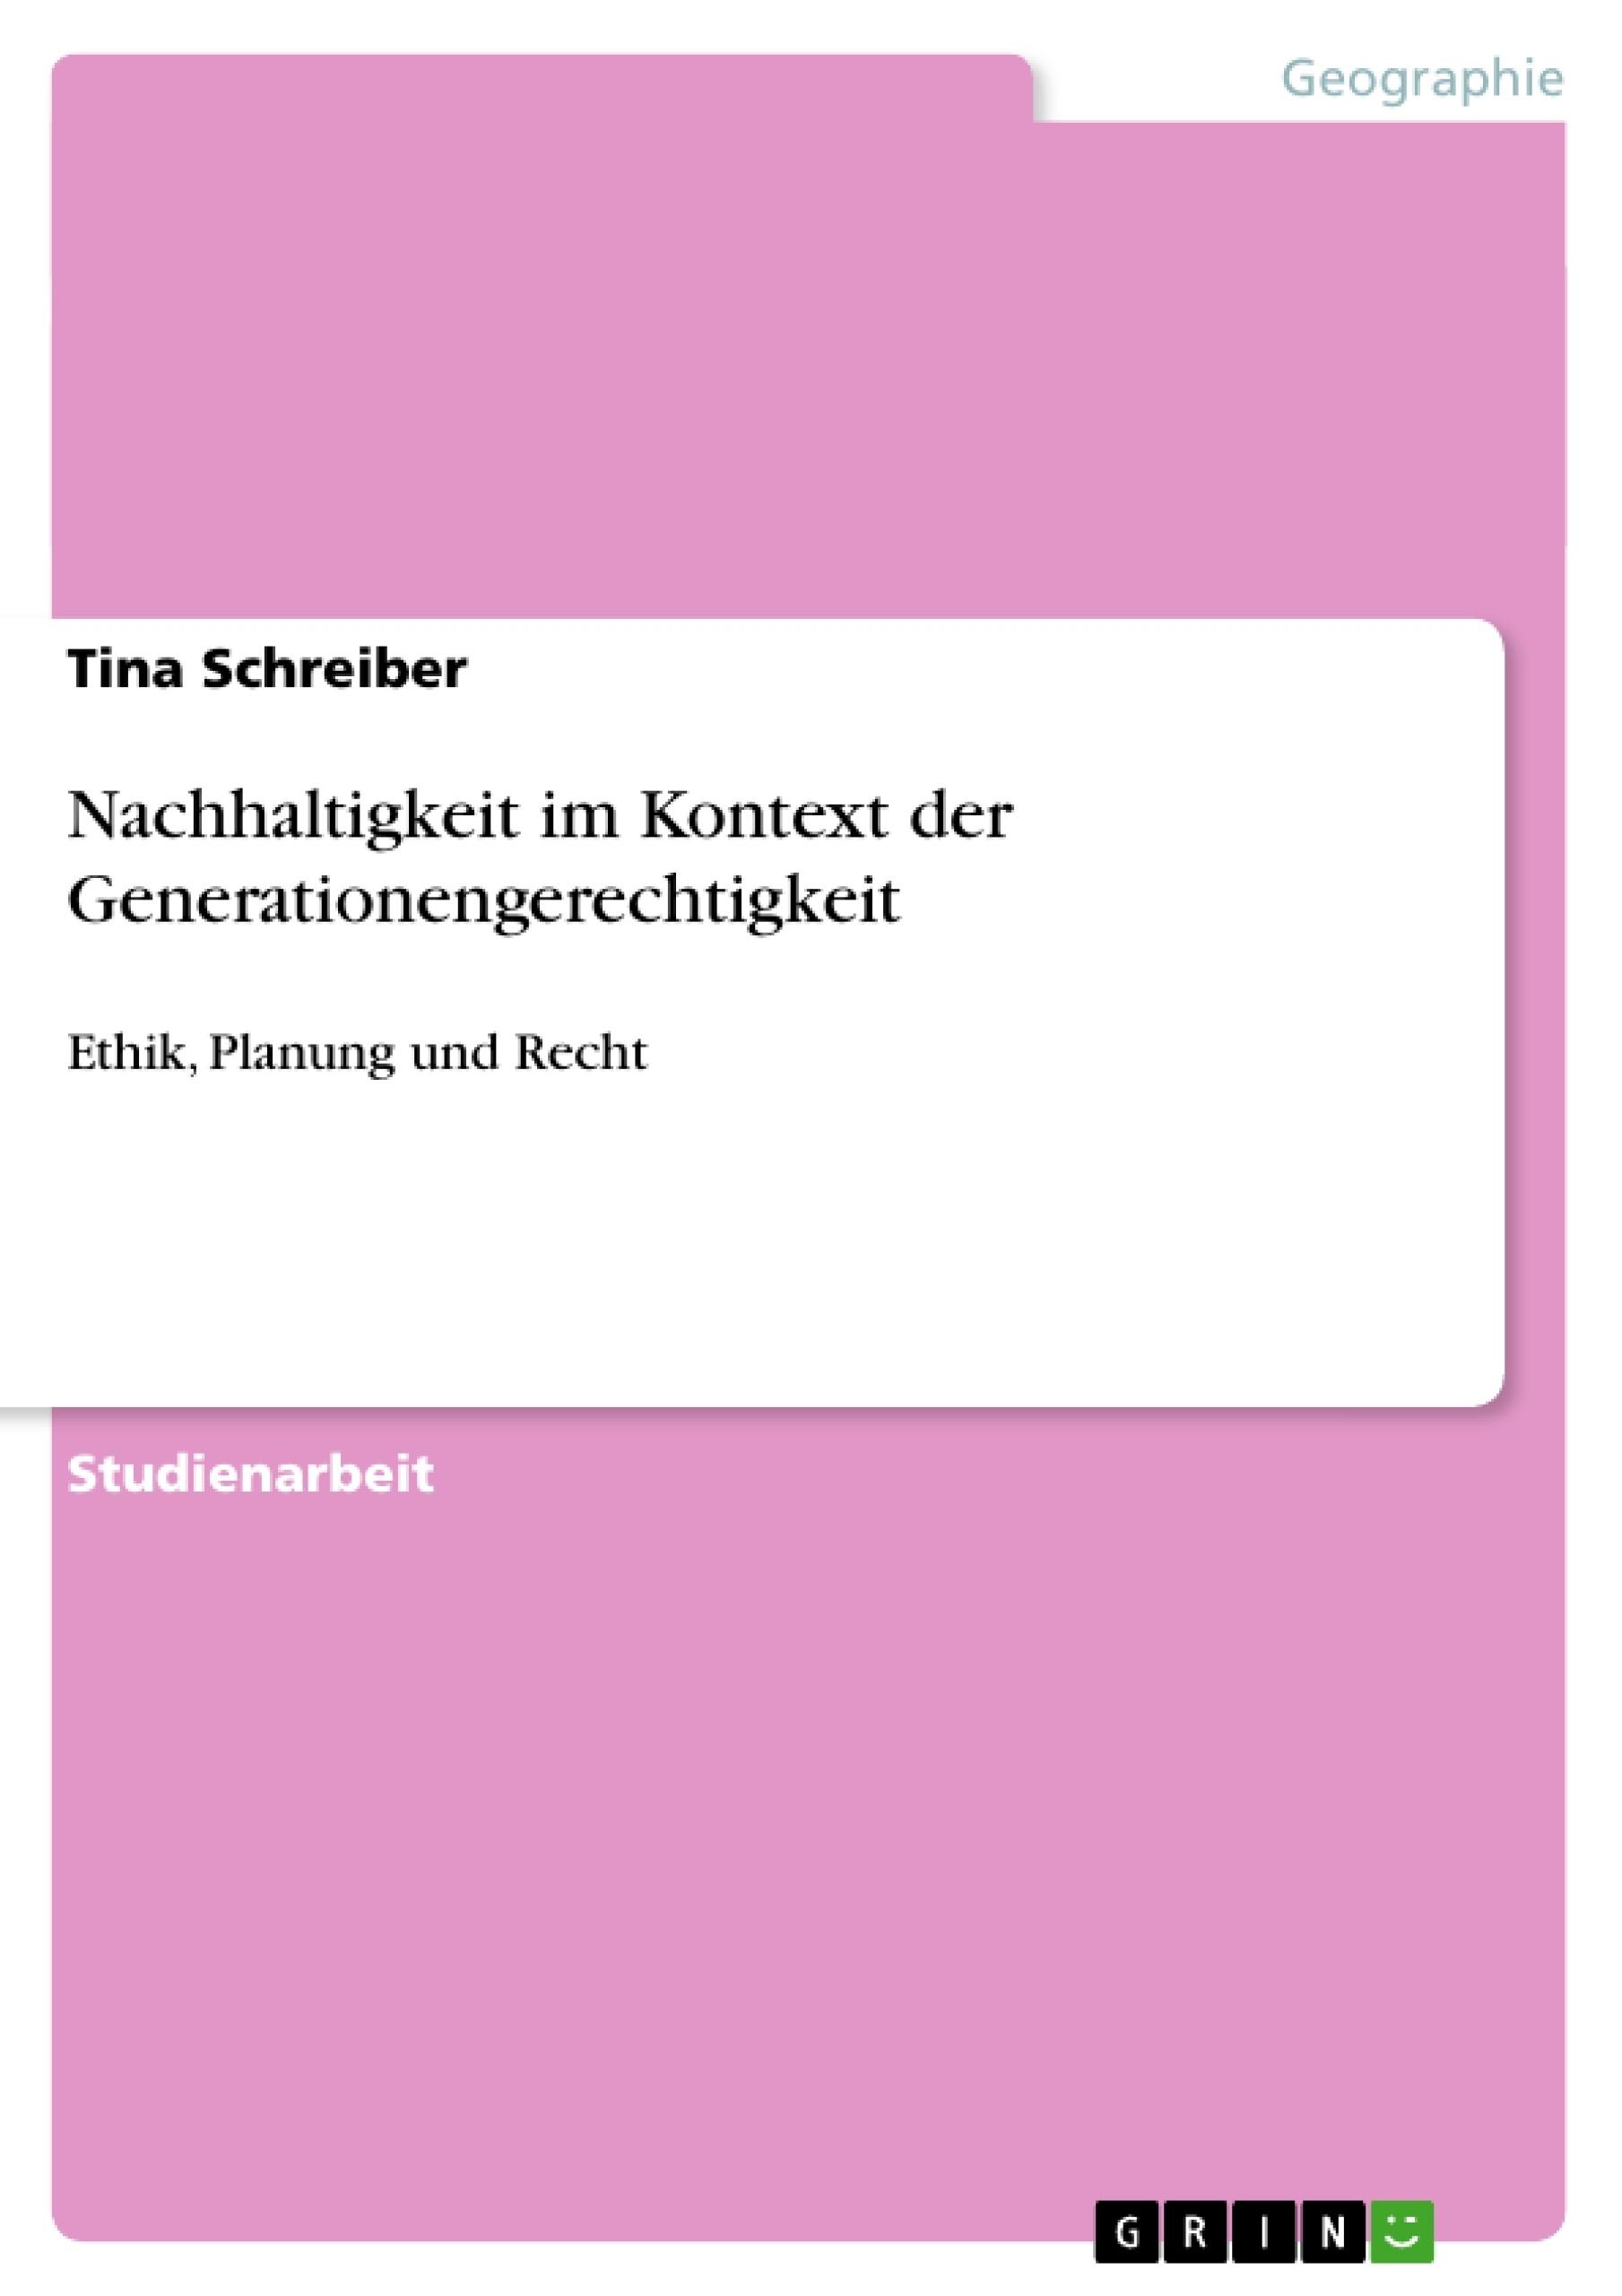 Titel: Nachhaltigkeit im Kontext der Generationengerechtigkeit